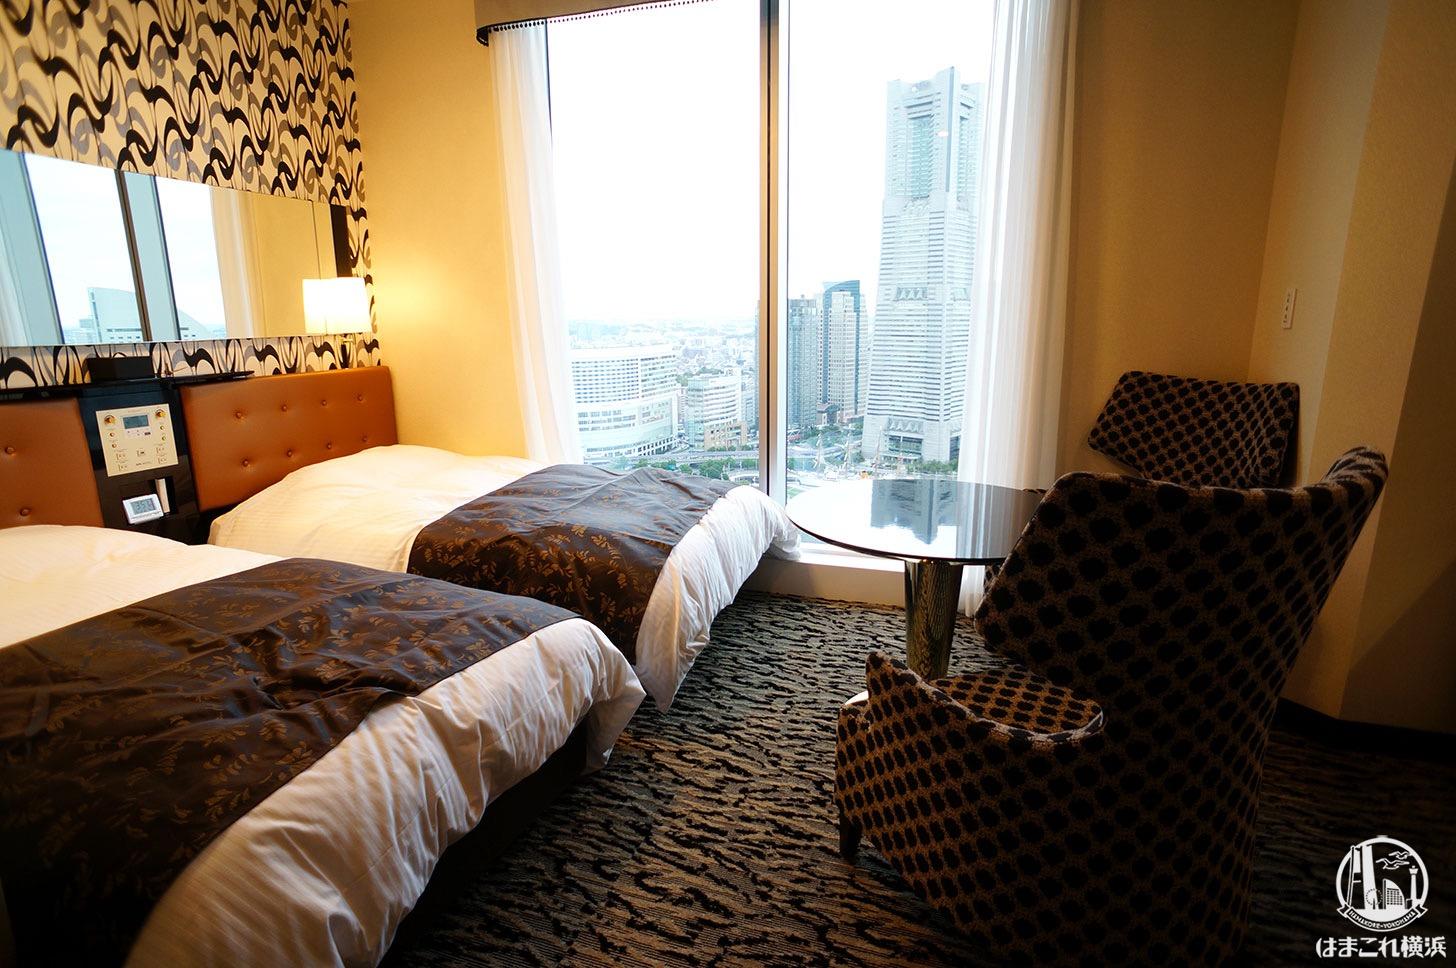 アパホテル&リゾート 横浜ベイタワー「スーペリアツイン」